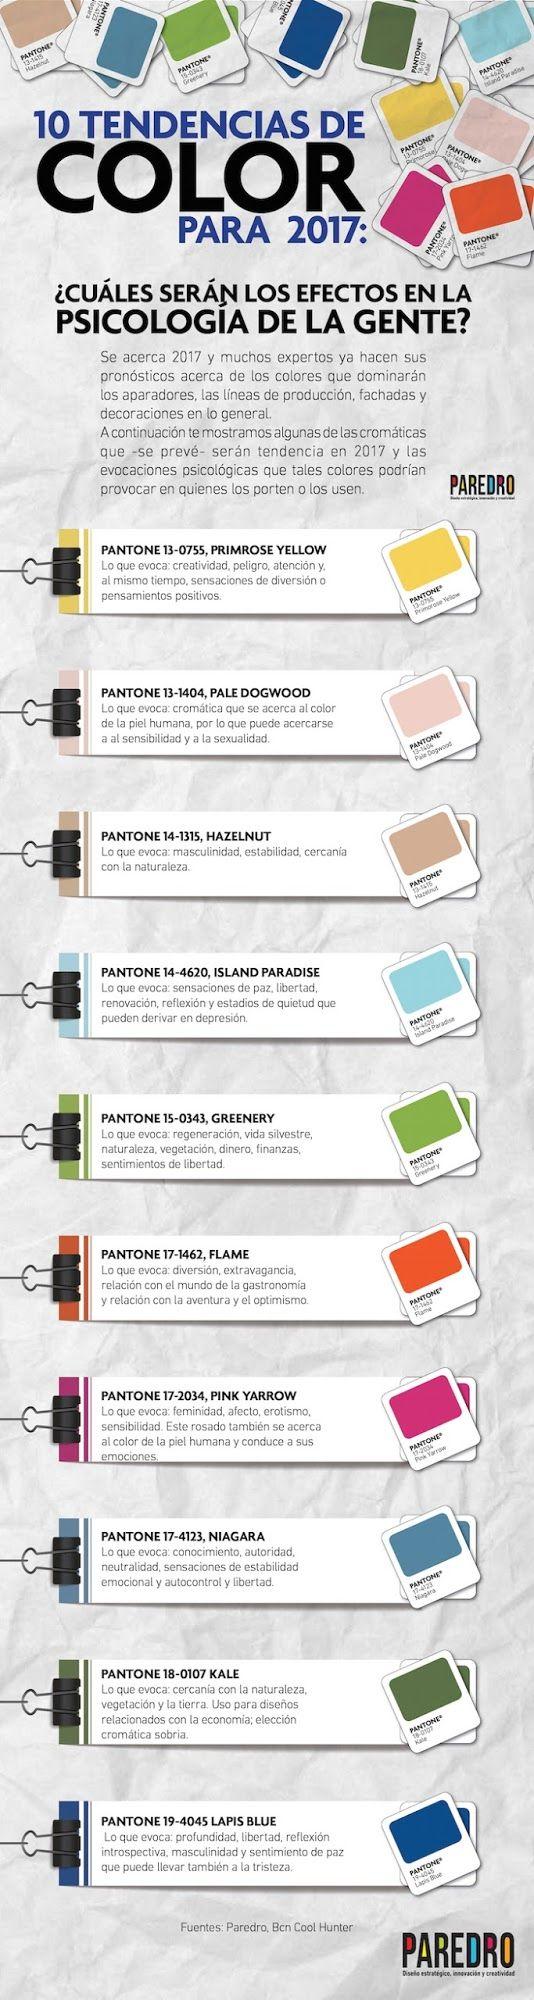 Top 10 de tendencias de color para el 2017 #Infografia #Infographic #Design - UHE Blog